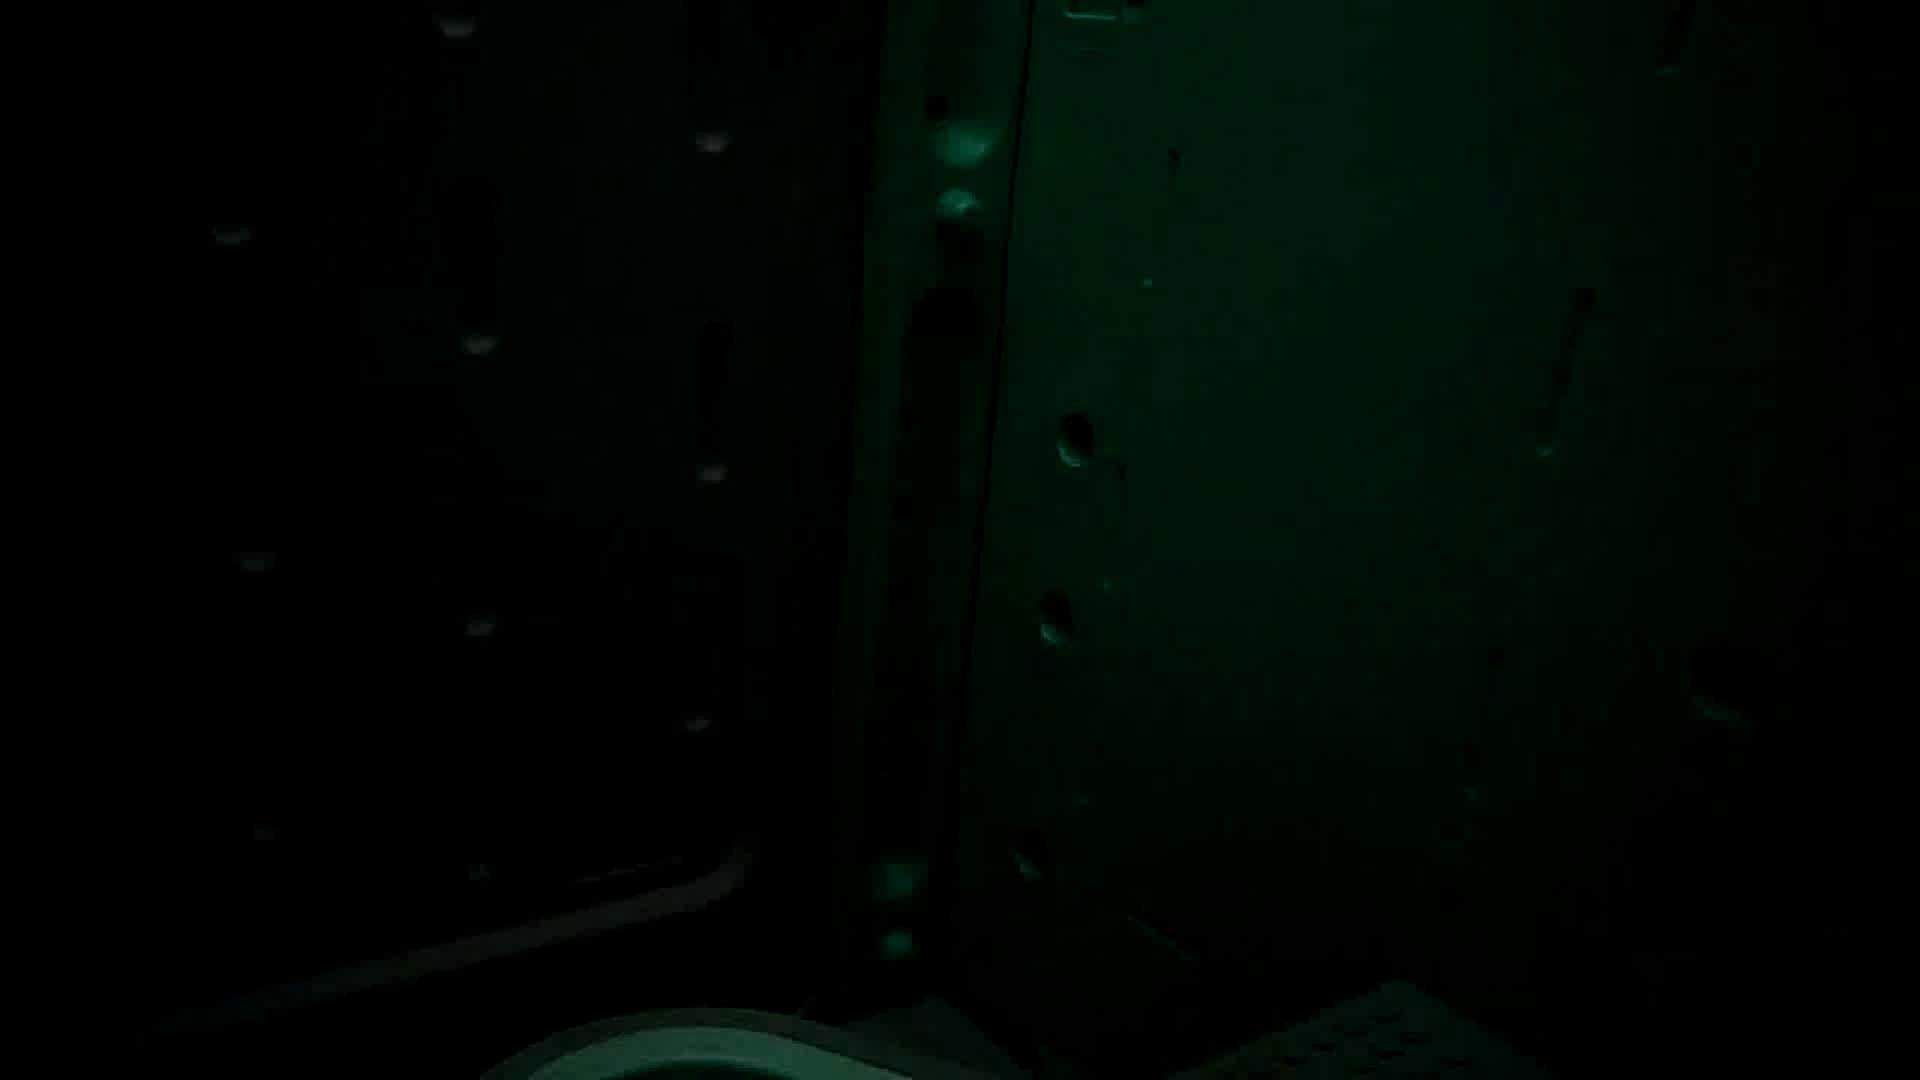 痴態洗面所 Vol.09 美女系、清楚系、ギャル系、時々祭り系?? 洗面所   エッチすぎるOL達  72連発 53